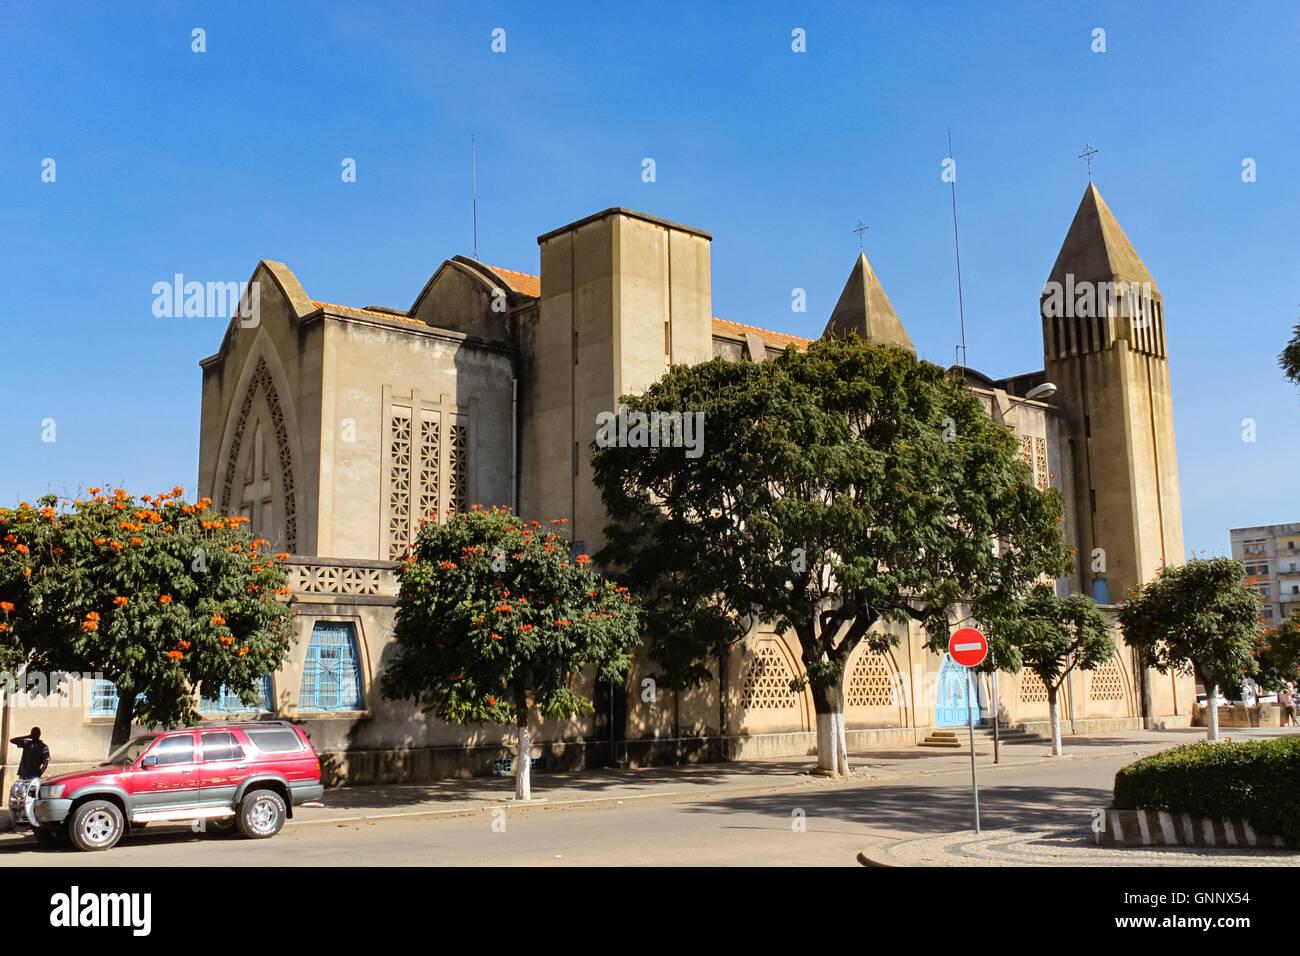 Cathedral of Lubango, Angola / Lubango was Sa da Bandeira until 1975. - Stock Image